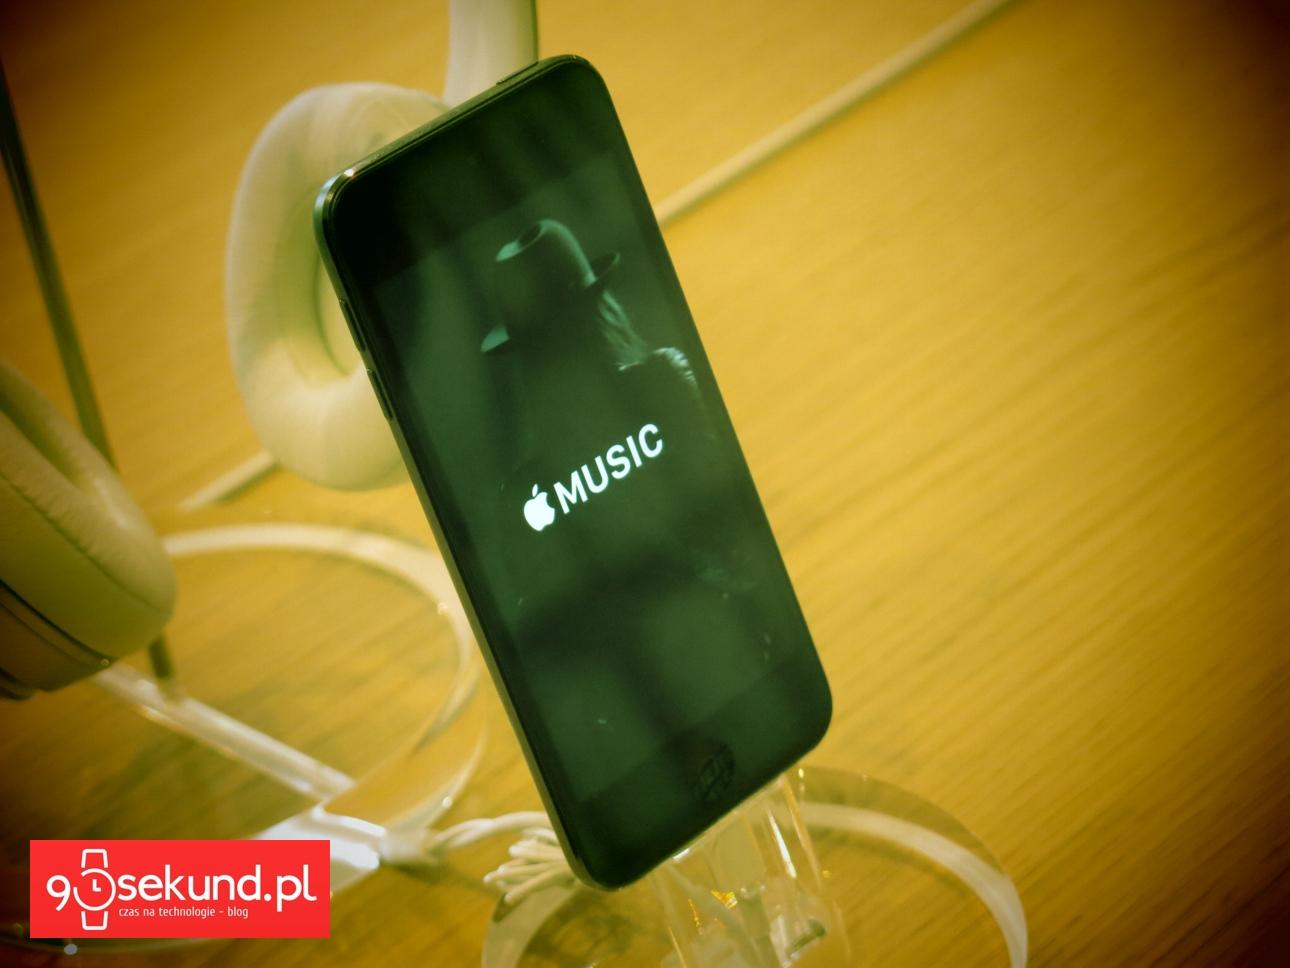 Apple Music - 90sekund.pl